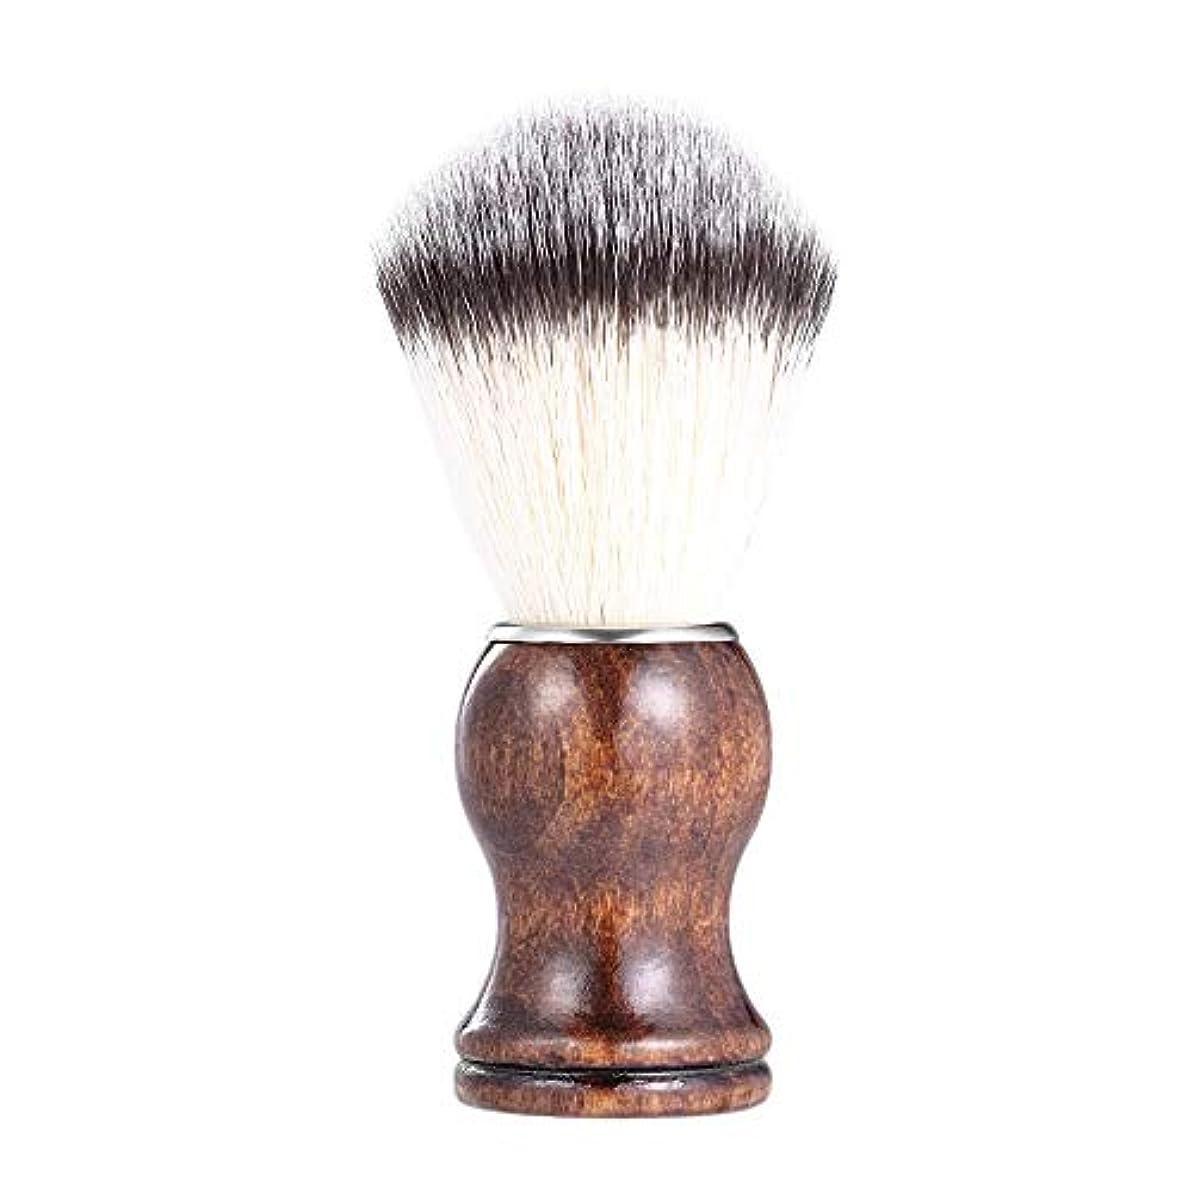 メロドラマティックガロンモールあごひげケア 美容ツール メンズ用 髭剃り ブラシ シェービングブラシ 木製ハンドル 男性 ギフト理容 洗顔 髭剃り